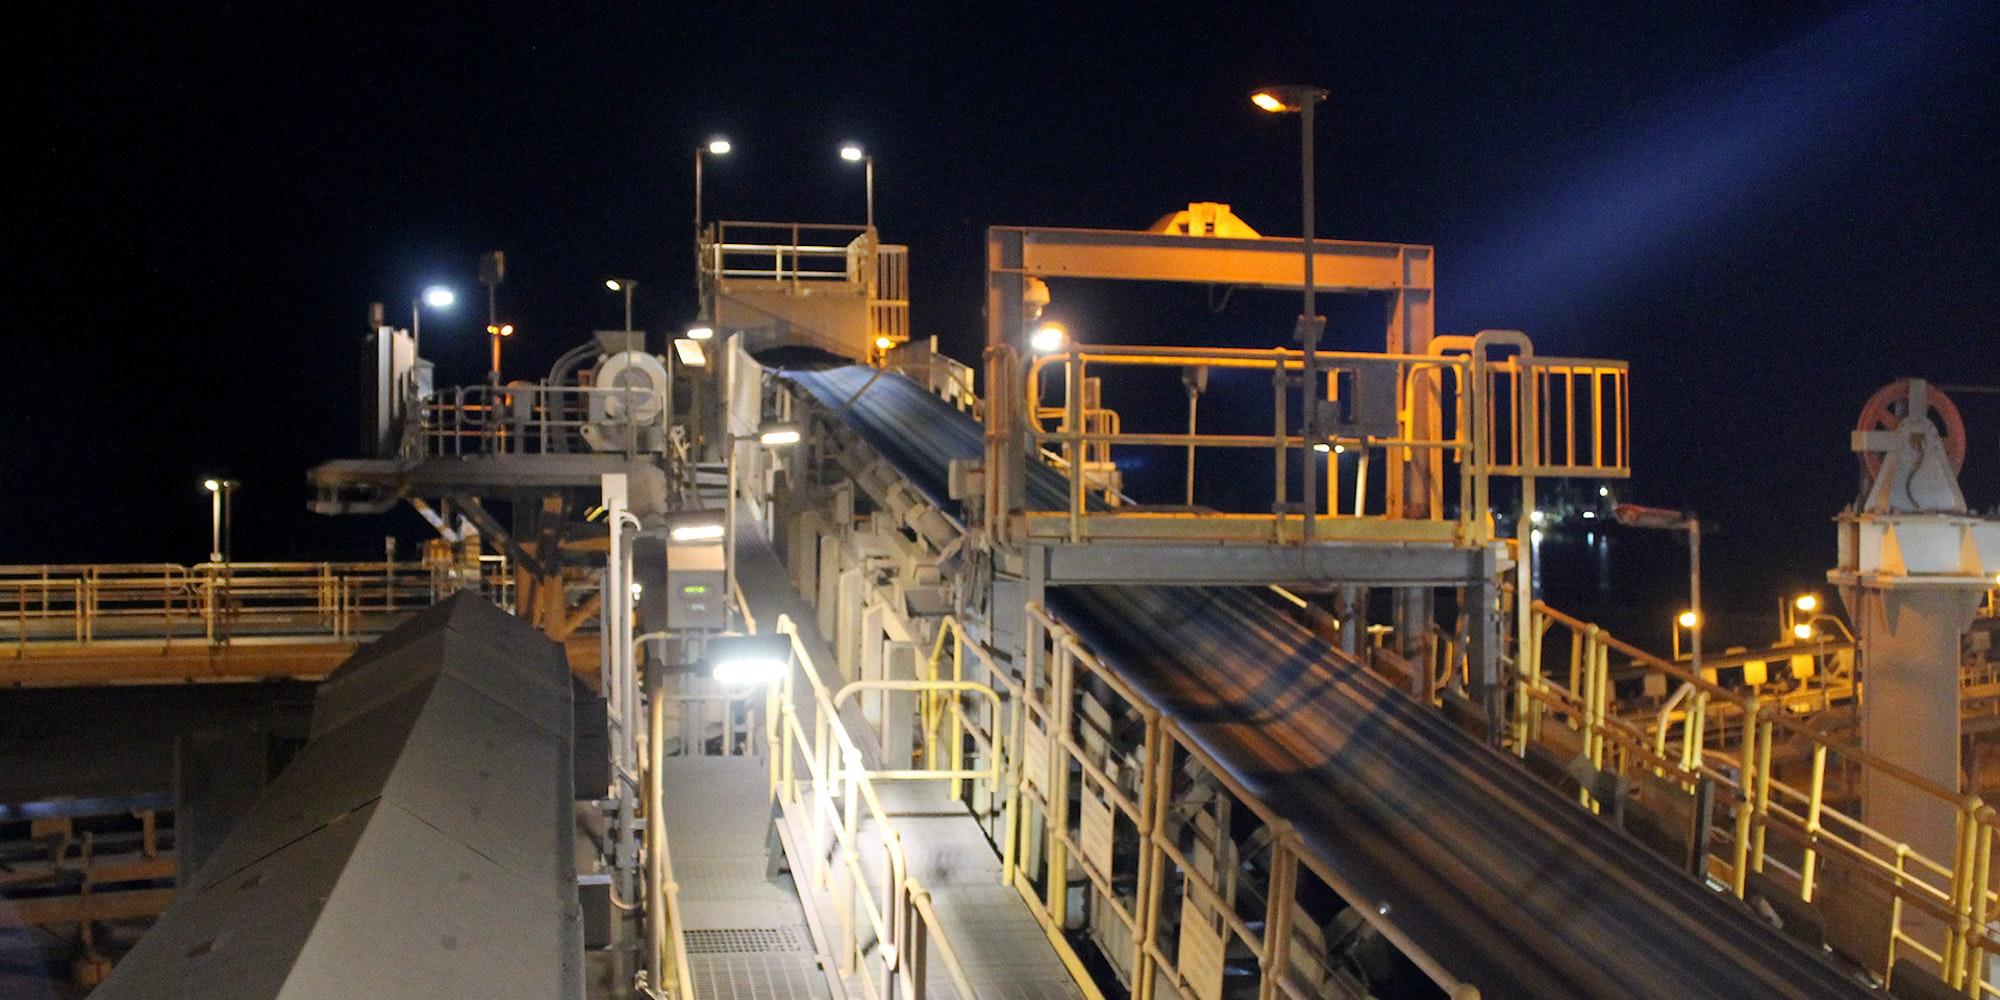 DLK2 LED Conveyor / Area Light in application, installed on a conveyor belt junction in a bulk port